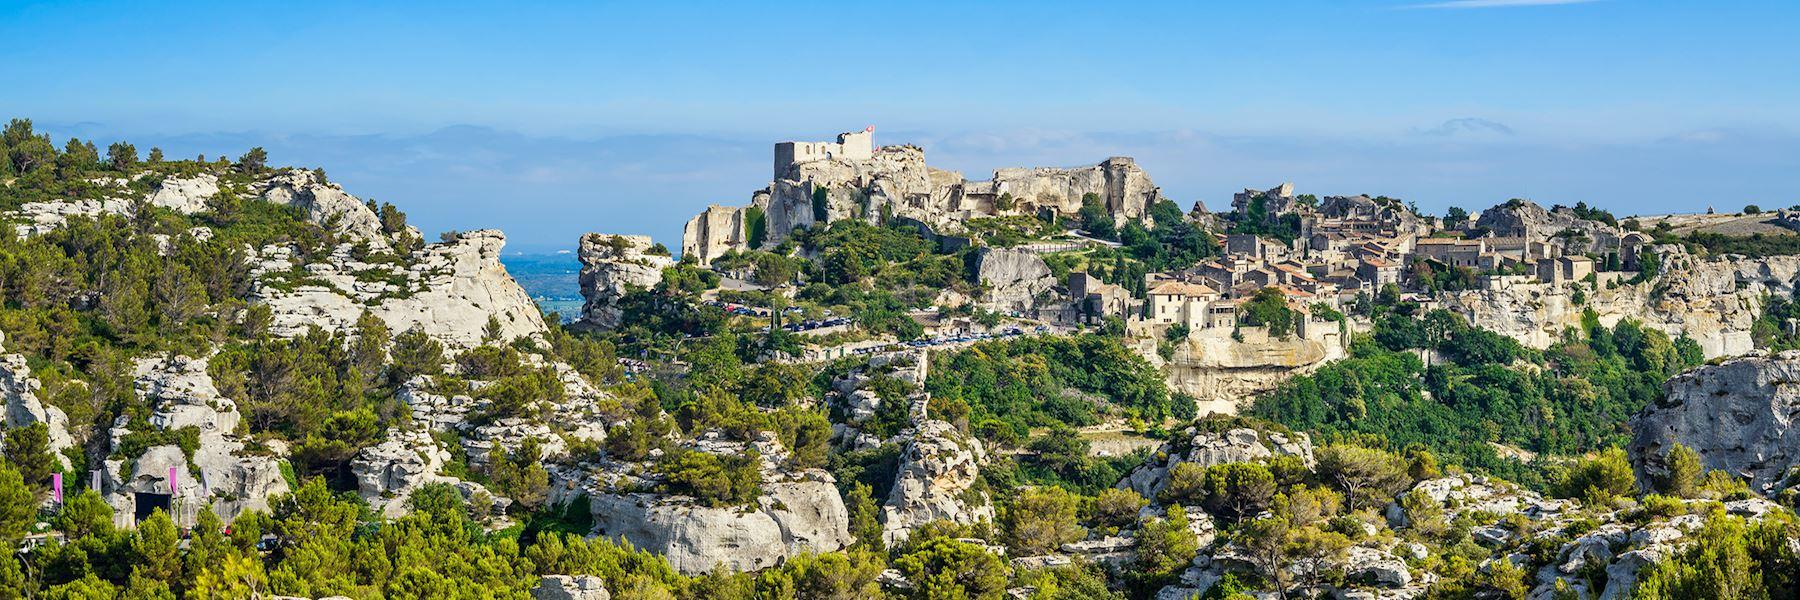 Visit Les-Baux-de-Provence, France